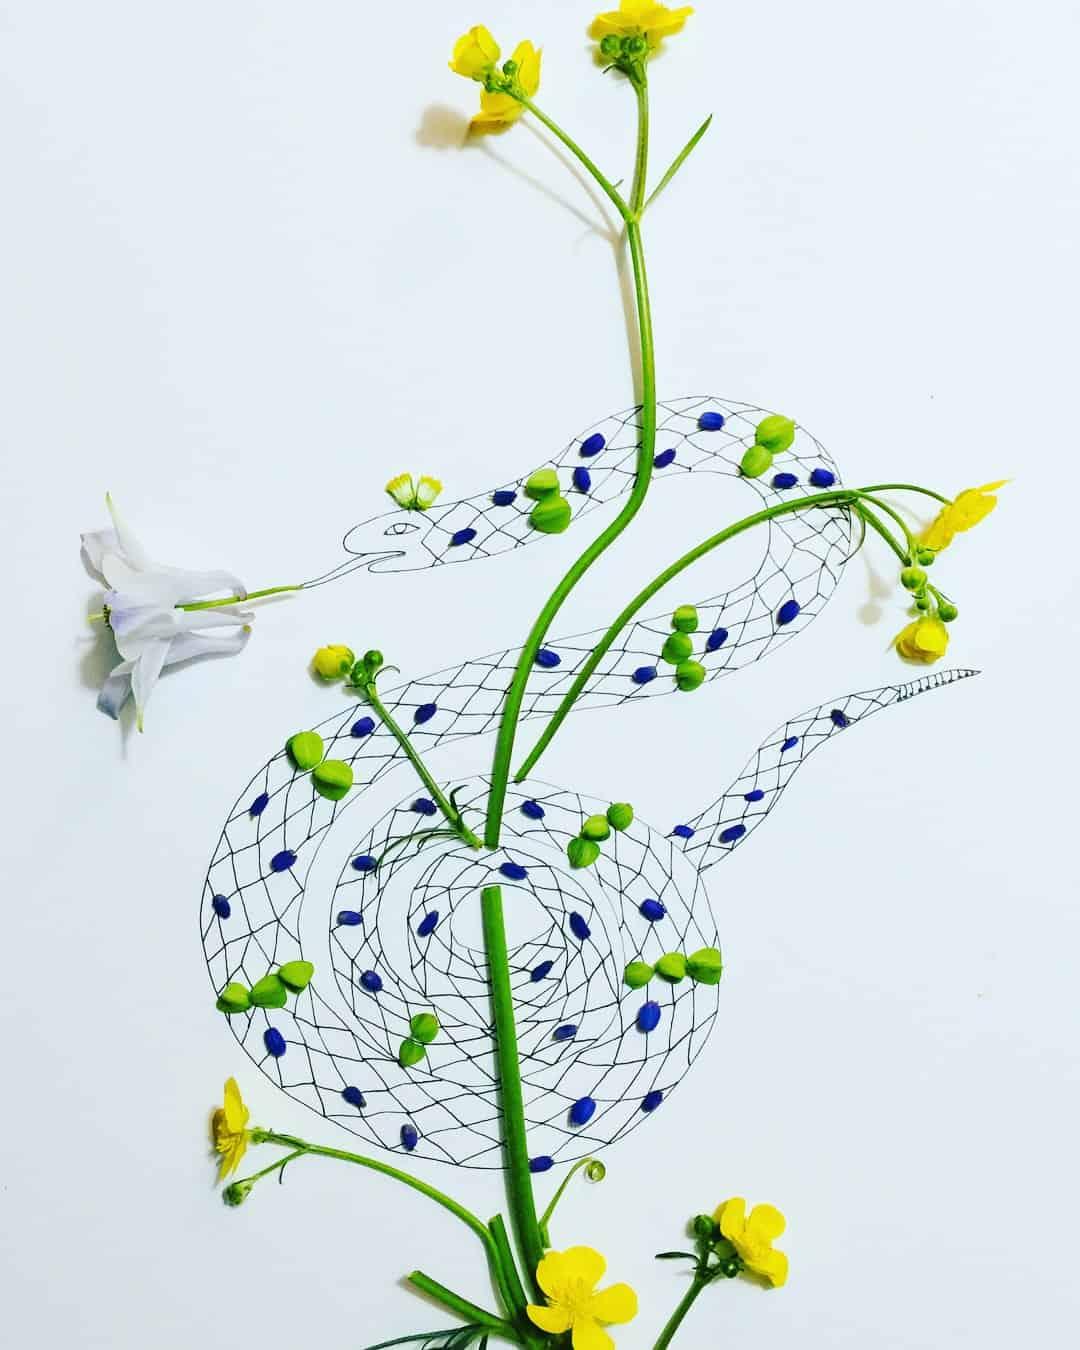 melissa flesher flower drawing 5